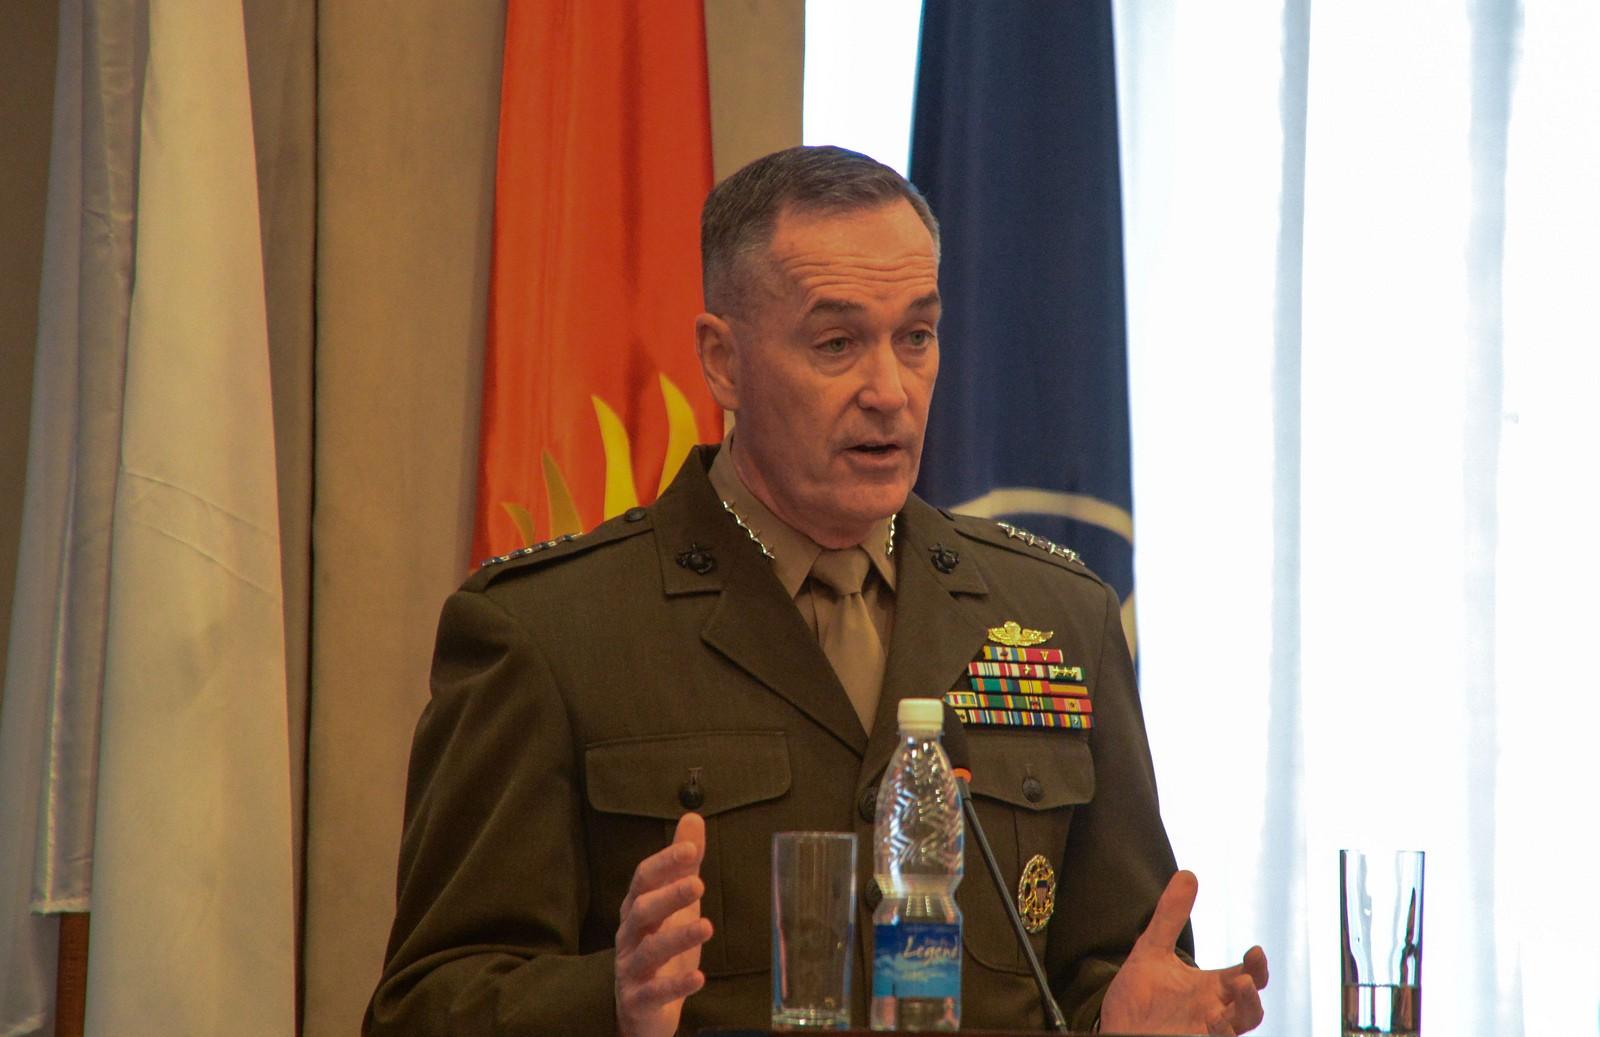 ISAF 사령관: 탈레반은 더 이상 아프간에 위협이 ..